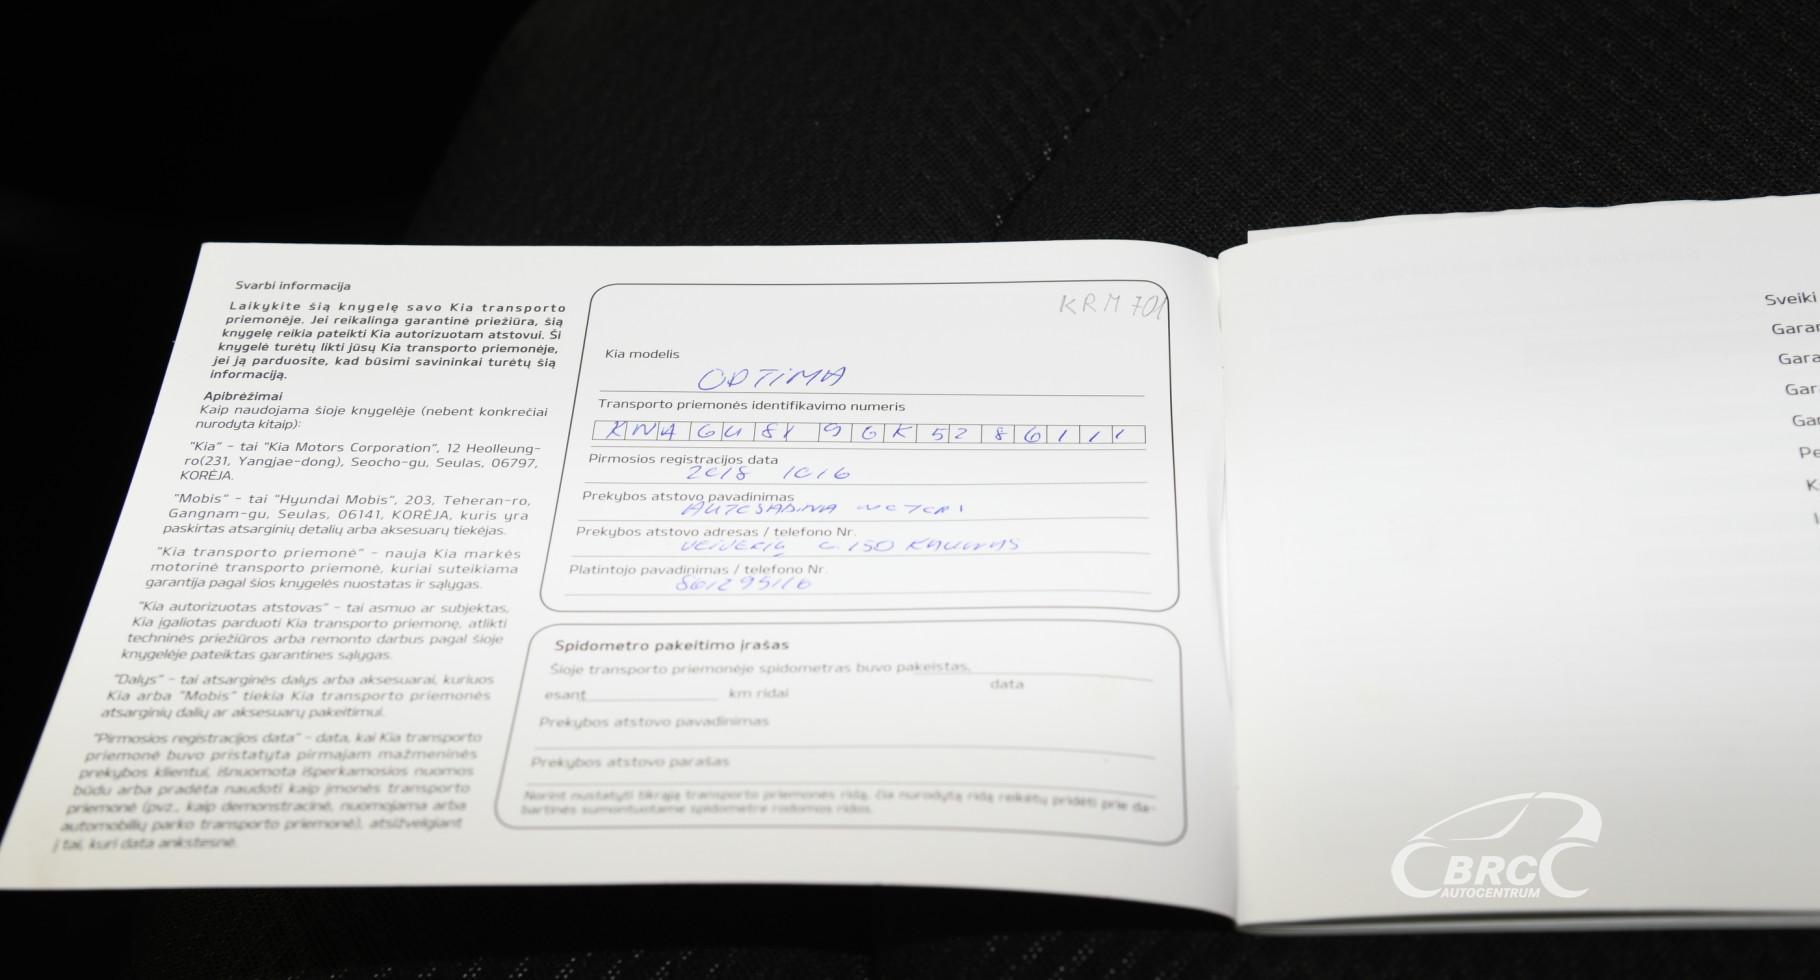 Kia Optima 1.6 CRDi SW Automatas